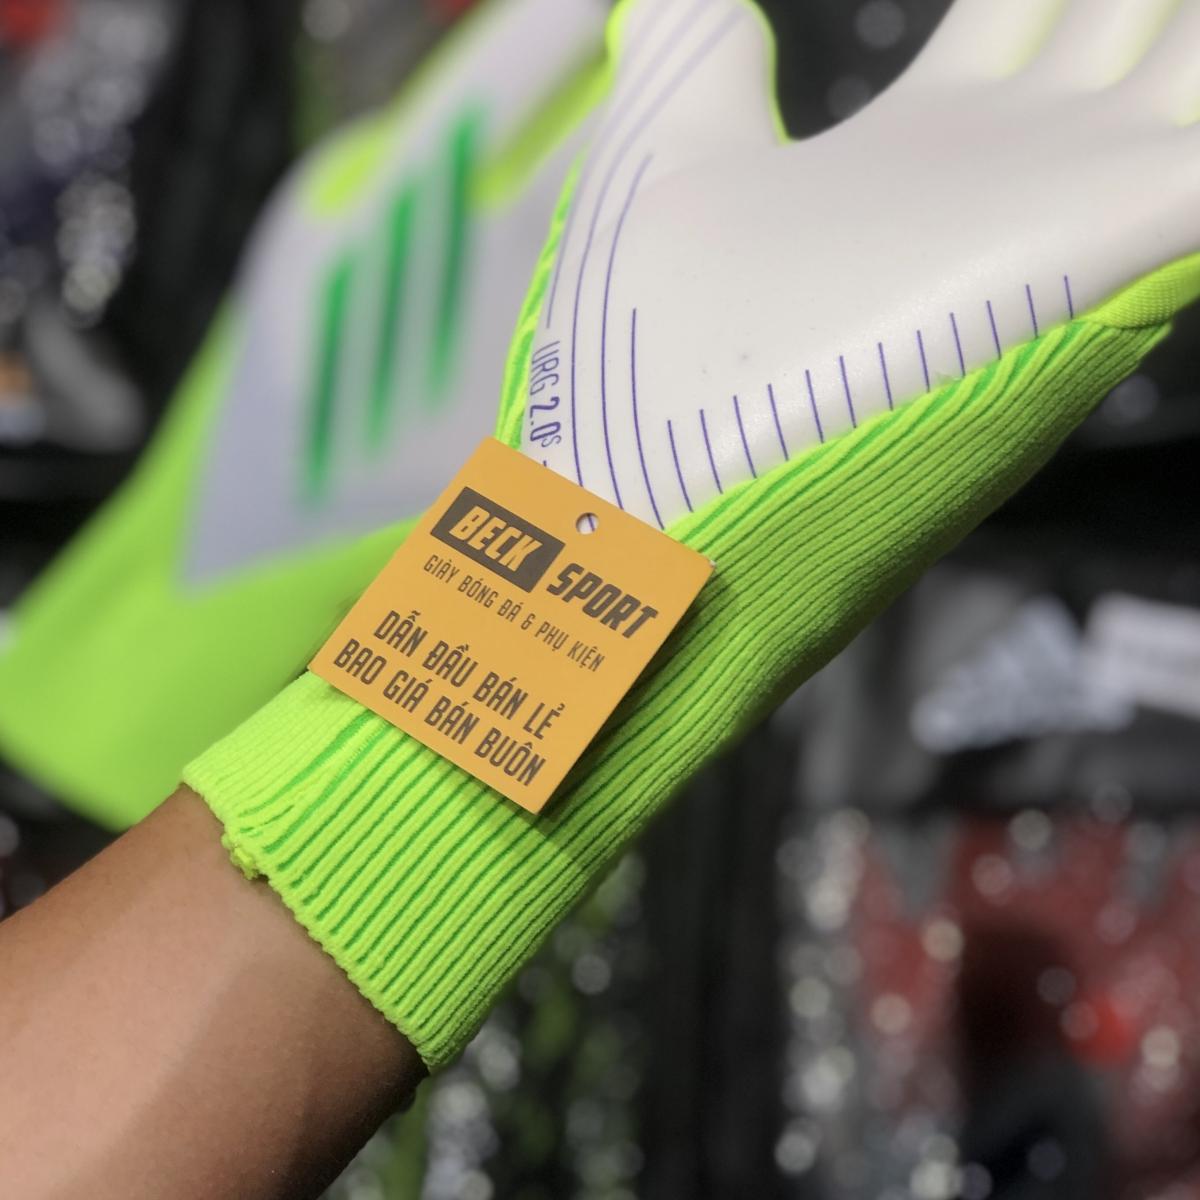 Găng Tay Adidas X Pro Trắng Vạch Xanh Lá HQ (Không Xương)